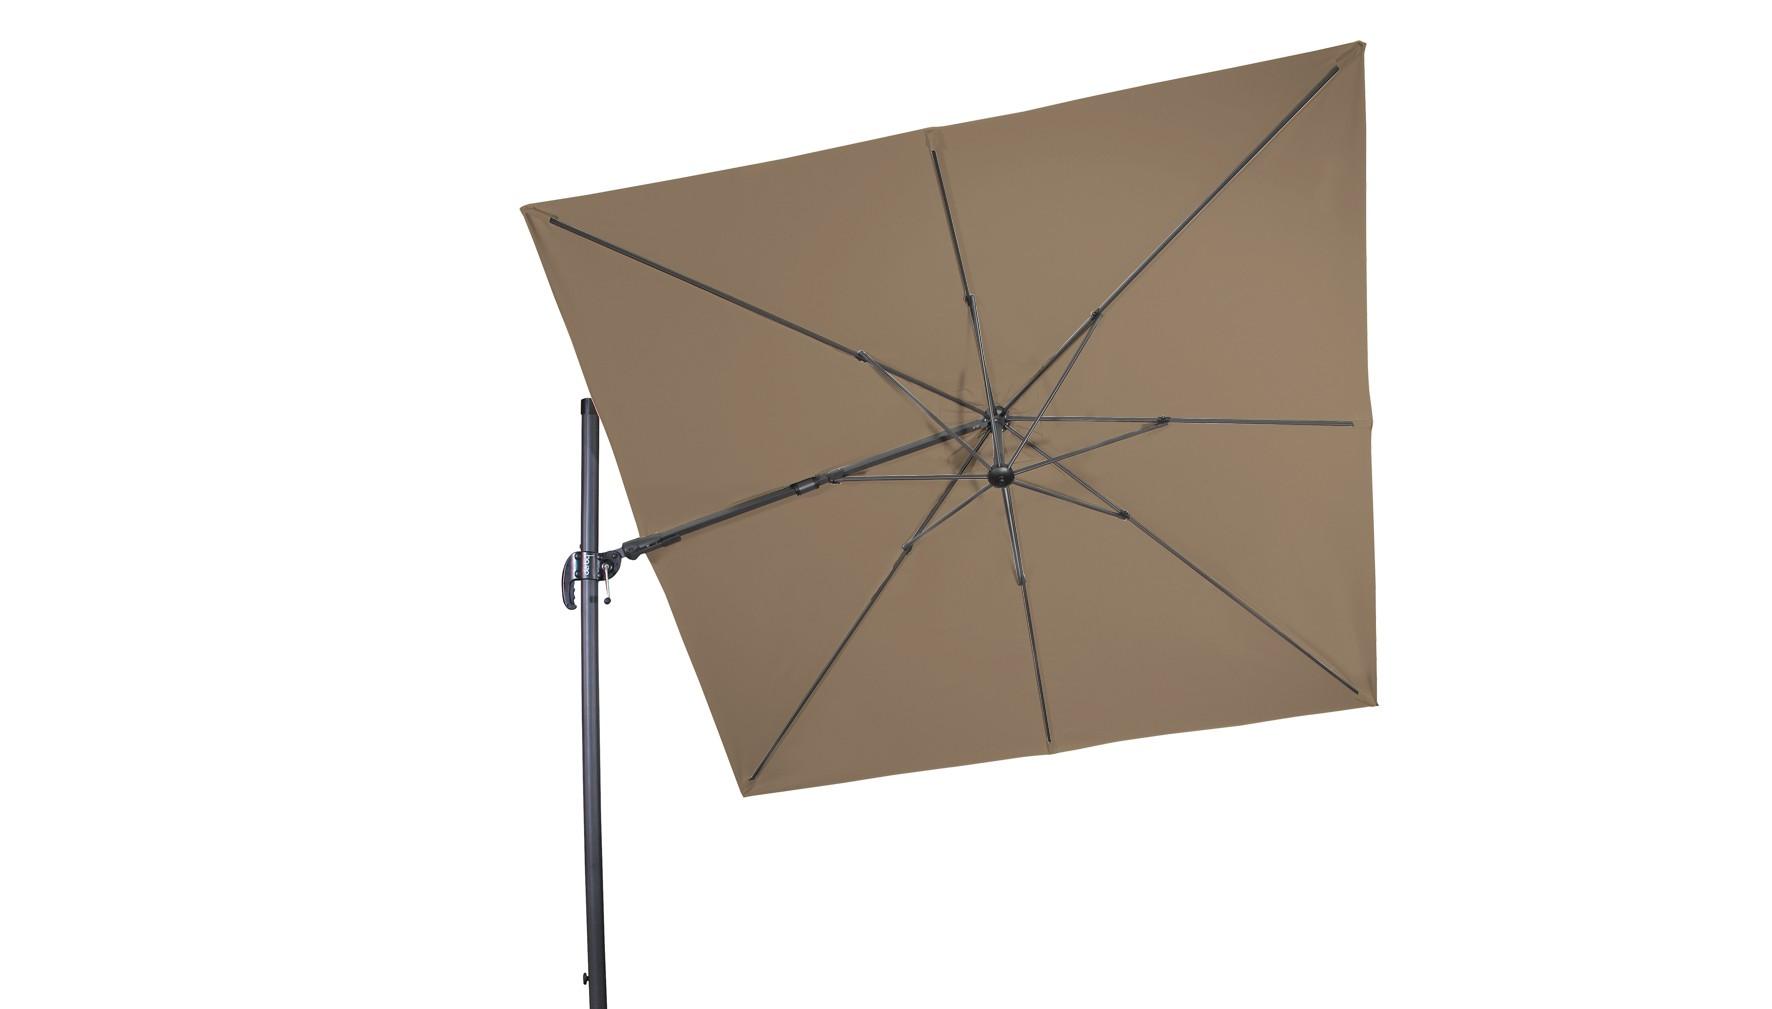 Derby Ampelschirm / Pendelschirm Ravenna AX 275x275cm D846 greige Bild 1